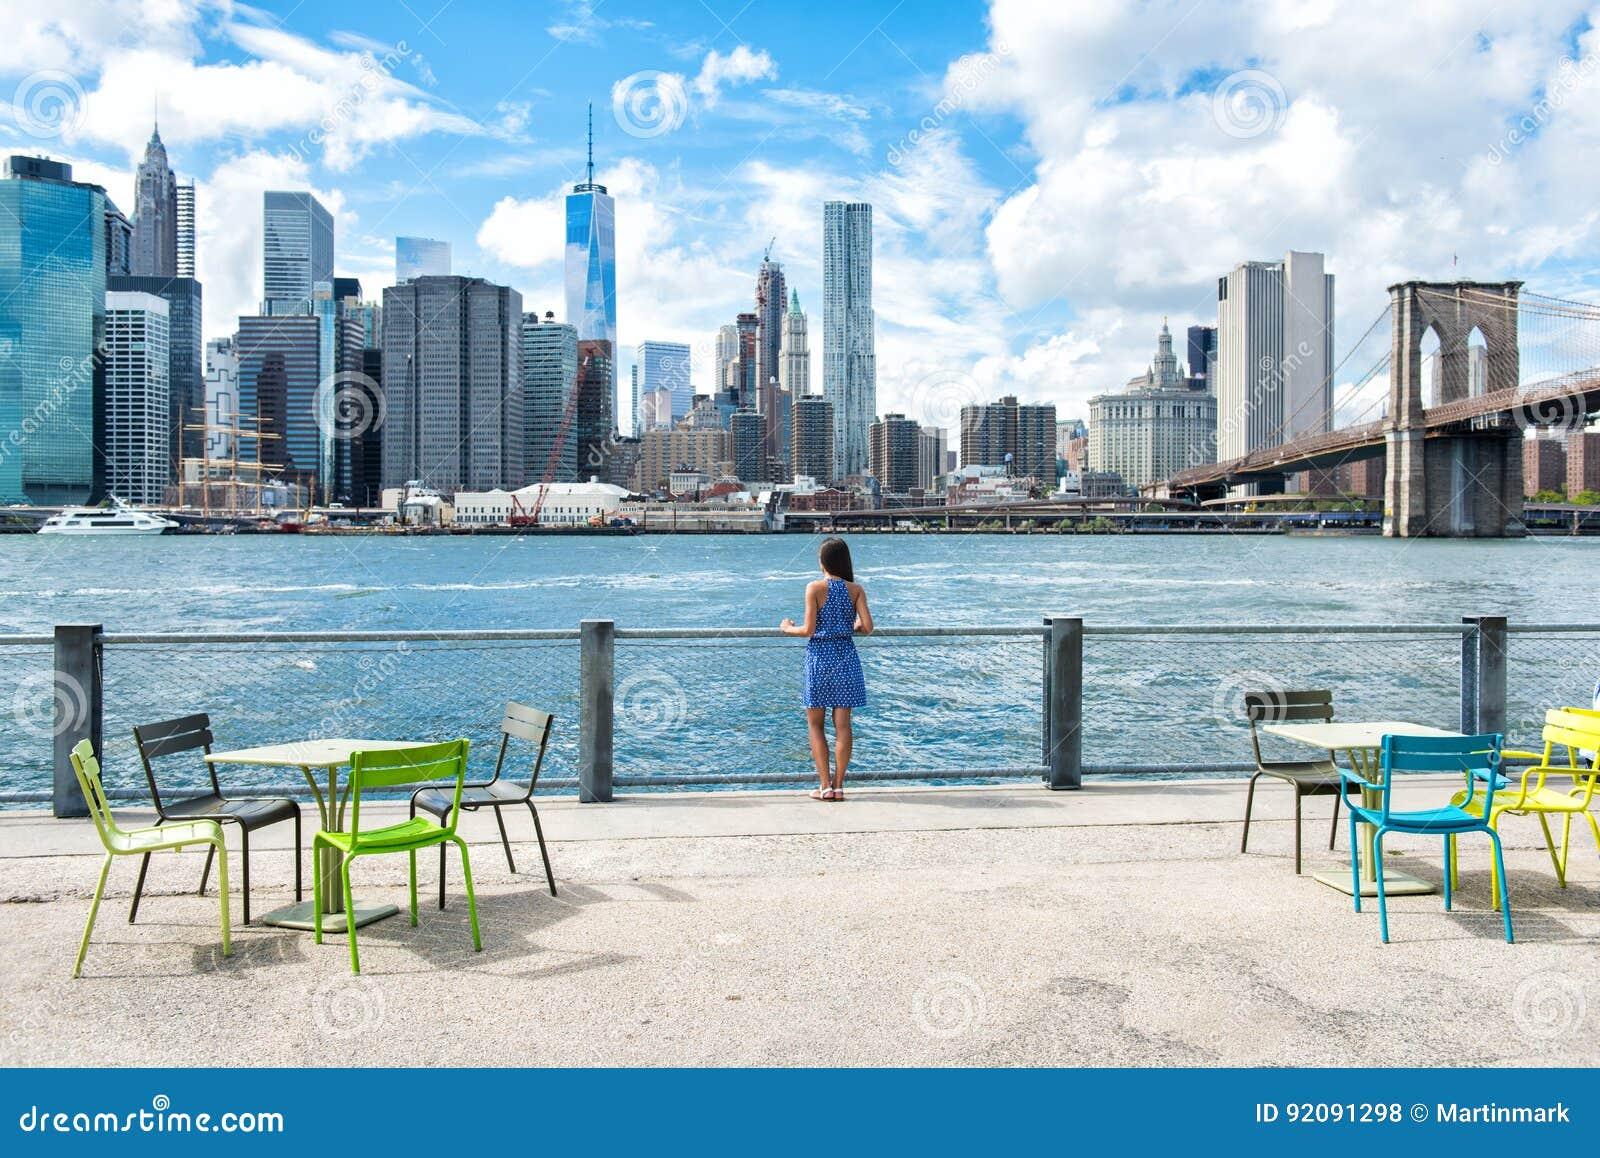 New- York Cityskylineufergegend-Lebensstilfrau